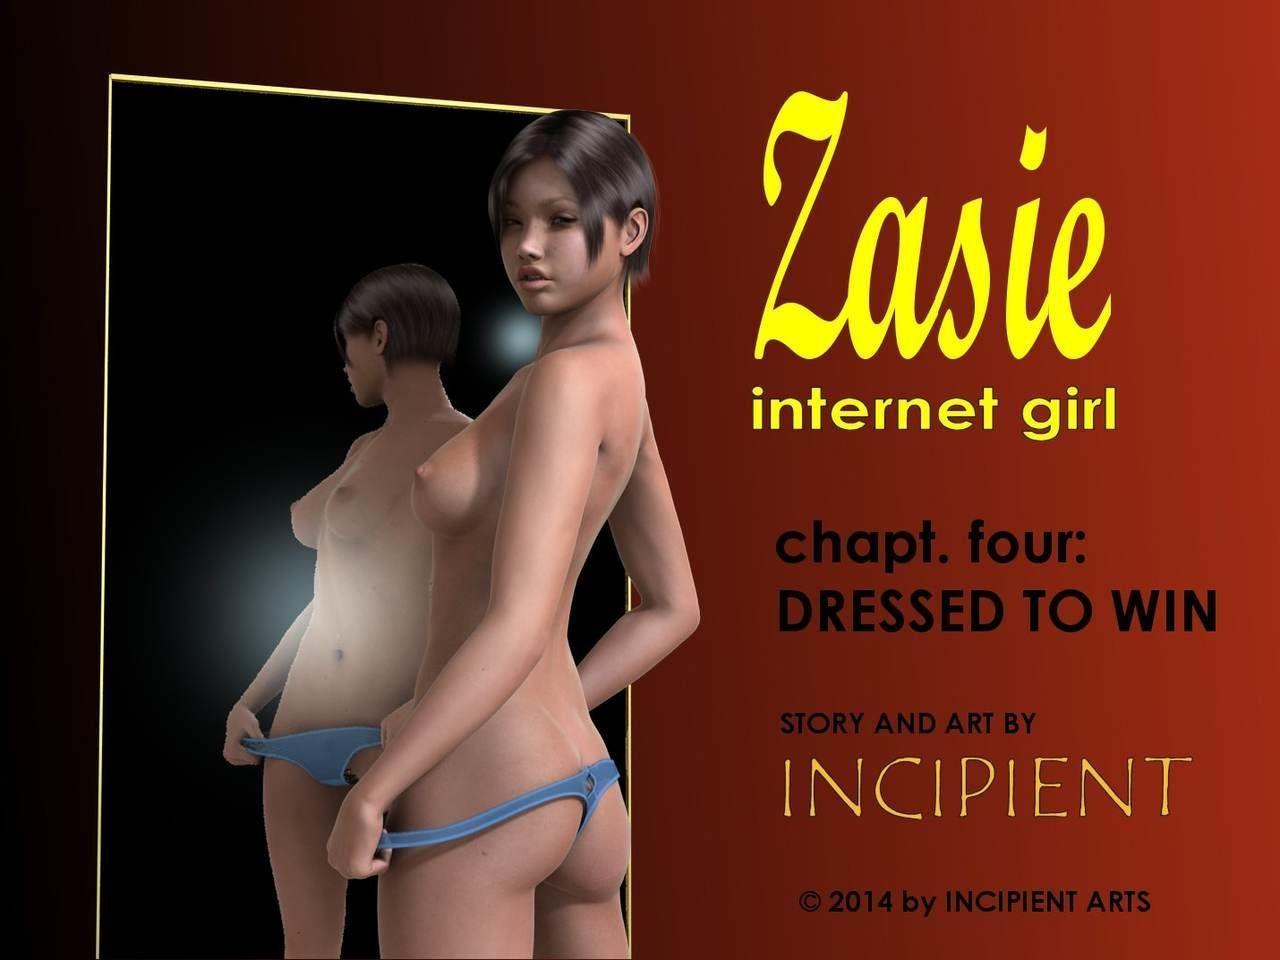 [Incipient] Zasie Internet Girl Ch. 4: Dressed To Win